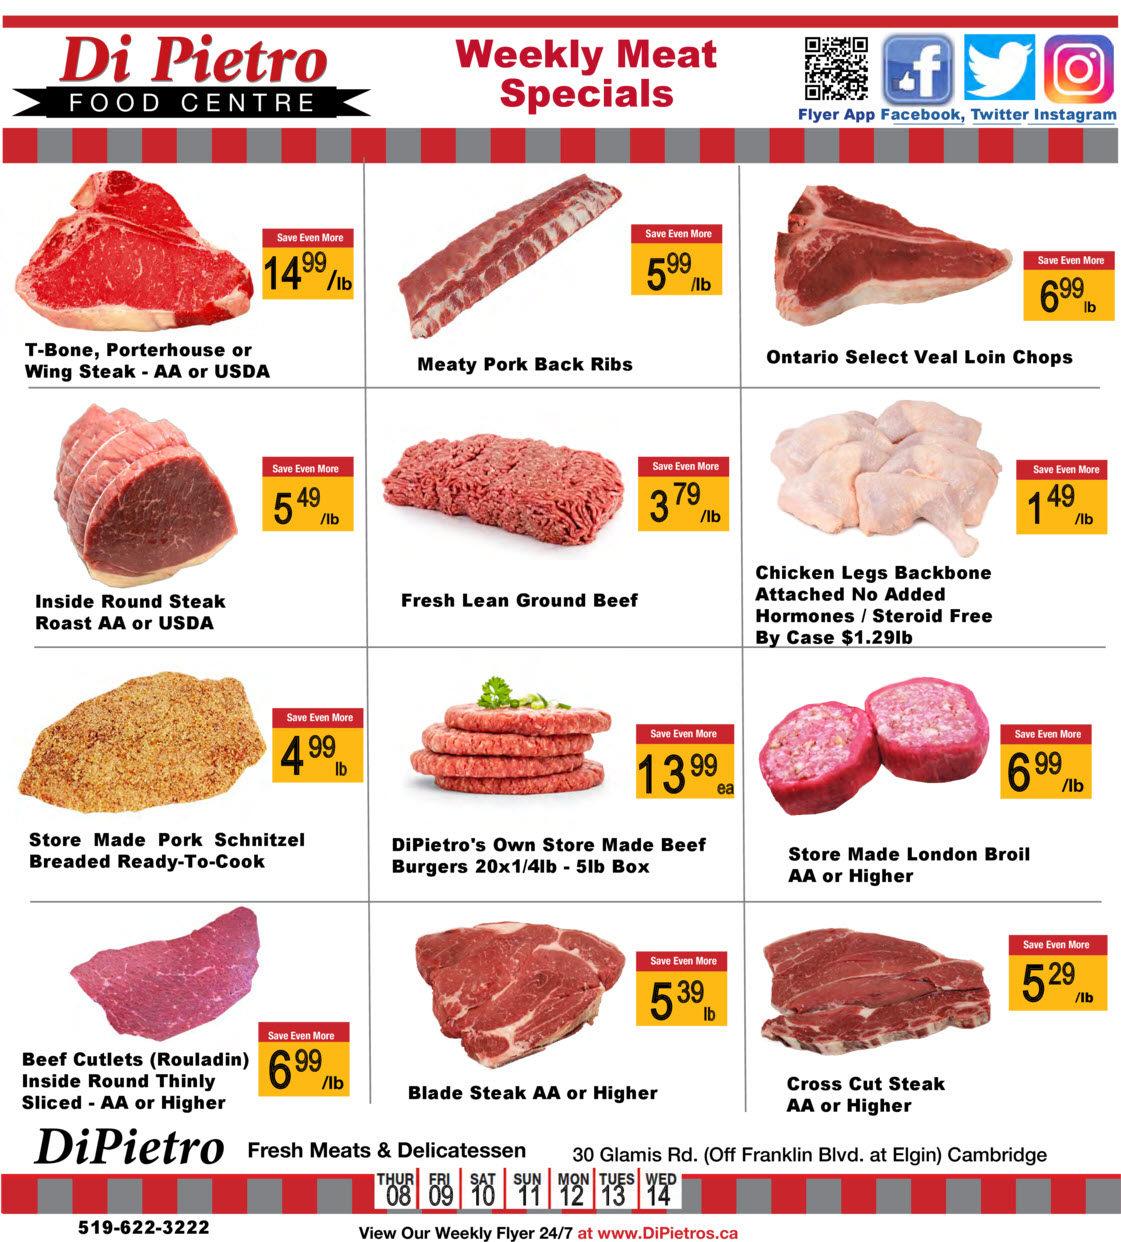 DiPietro - Weekly Flyer Specials - Page 2